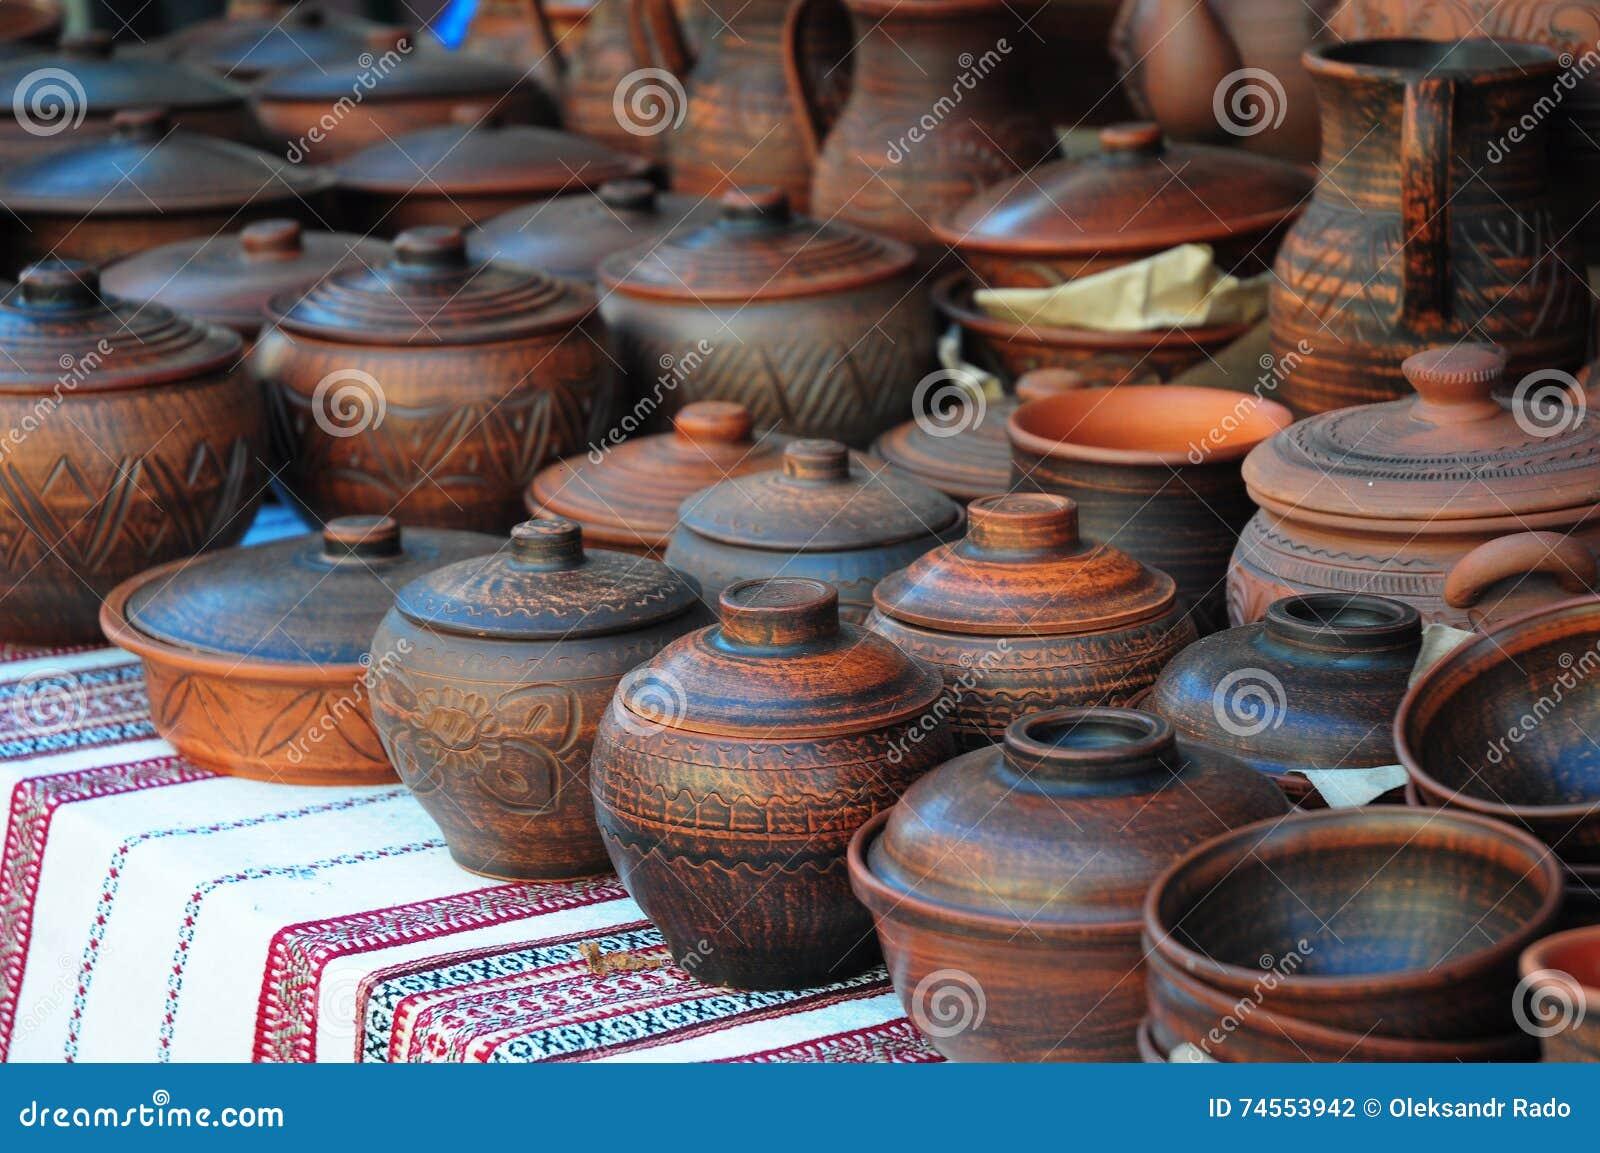 Mostra da cerâmica cerâmica feito a mão de Ucrânia em um mercado da borda da estrada com potenciômetros e Clay Plates Outdoors ce